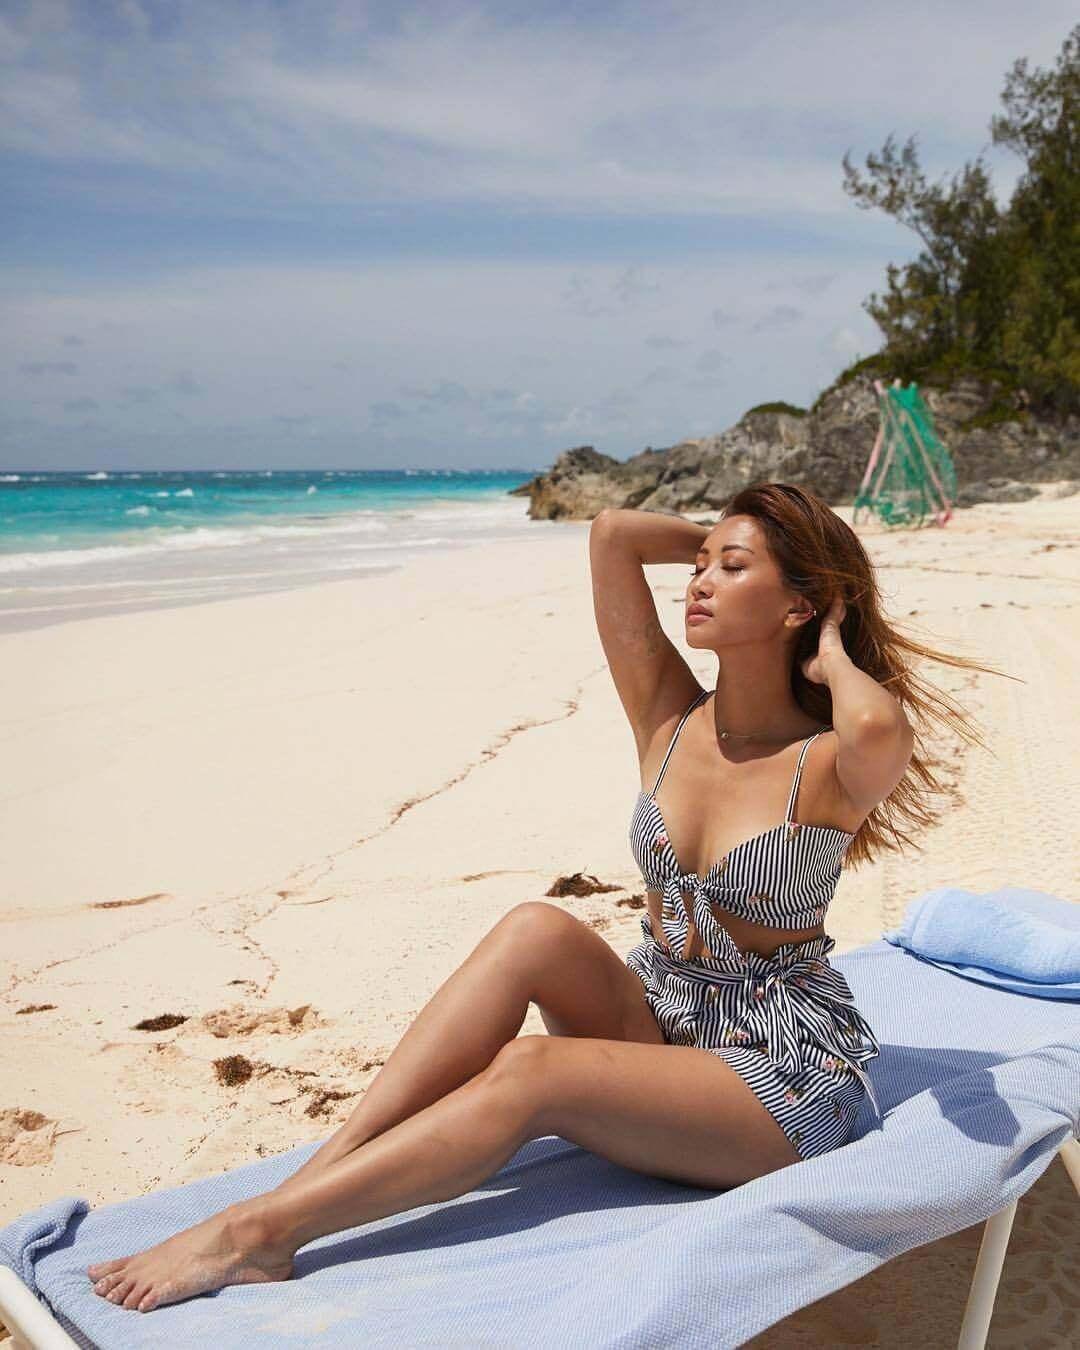 Brenda-Song-hot-photo